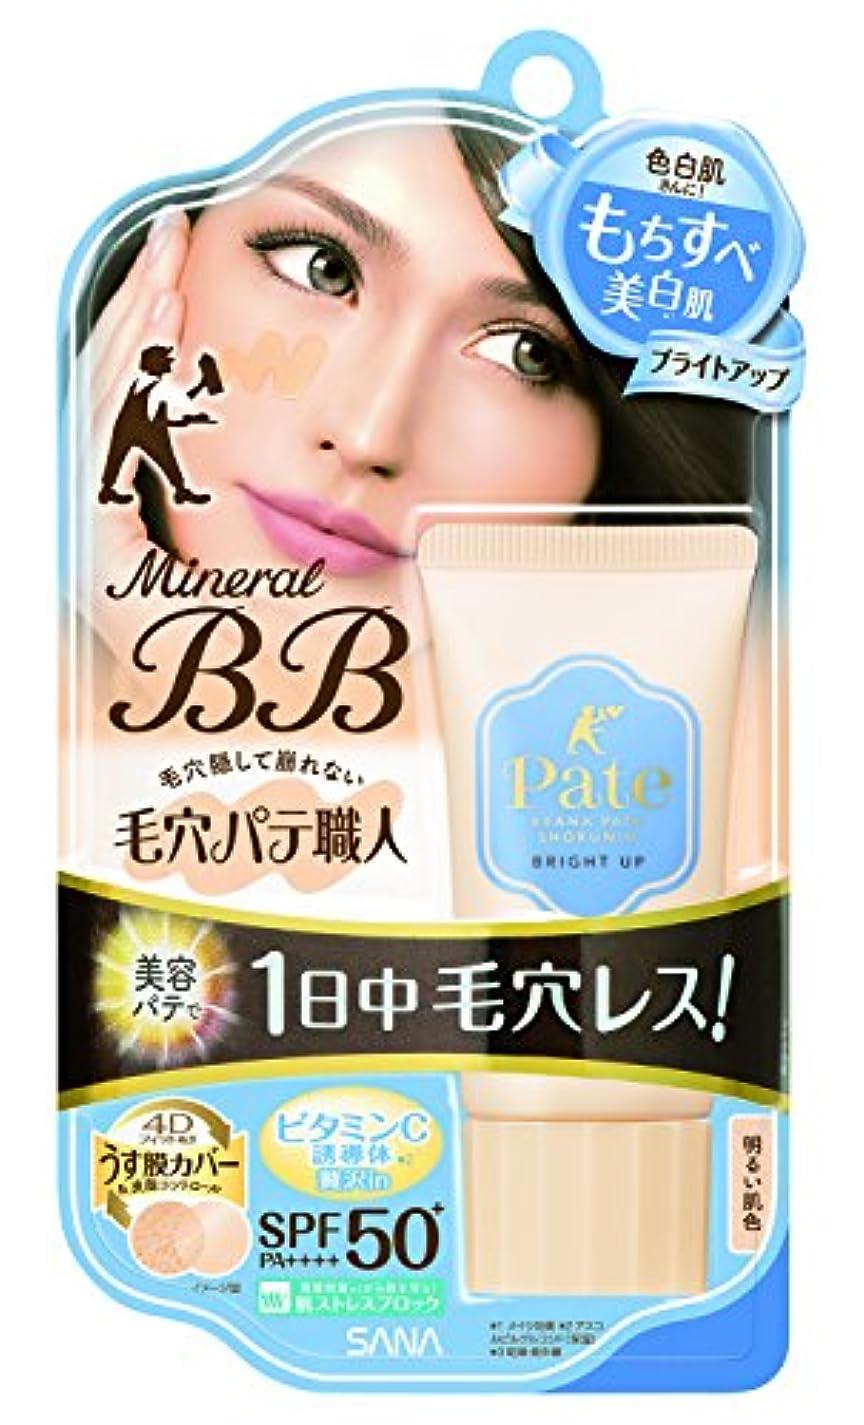 描写識別する認知毛穴パテ職人 ミネラルBBクリーム ブライトアップ 明るい肌色 30g